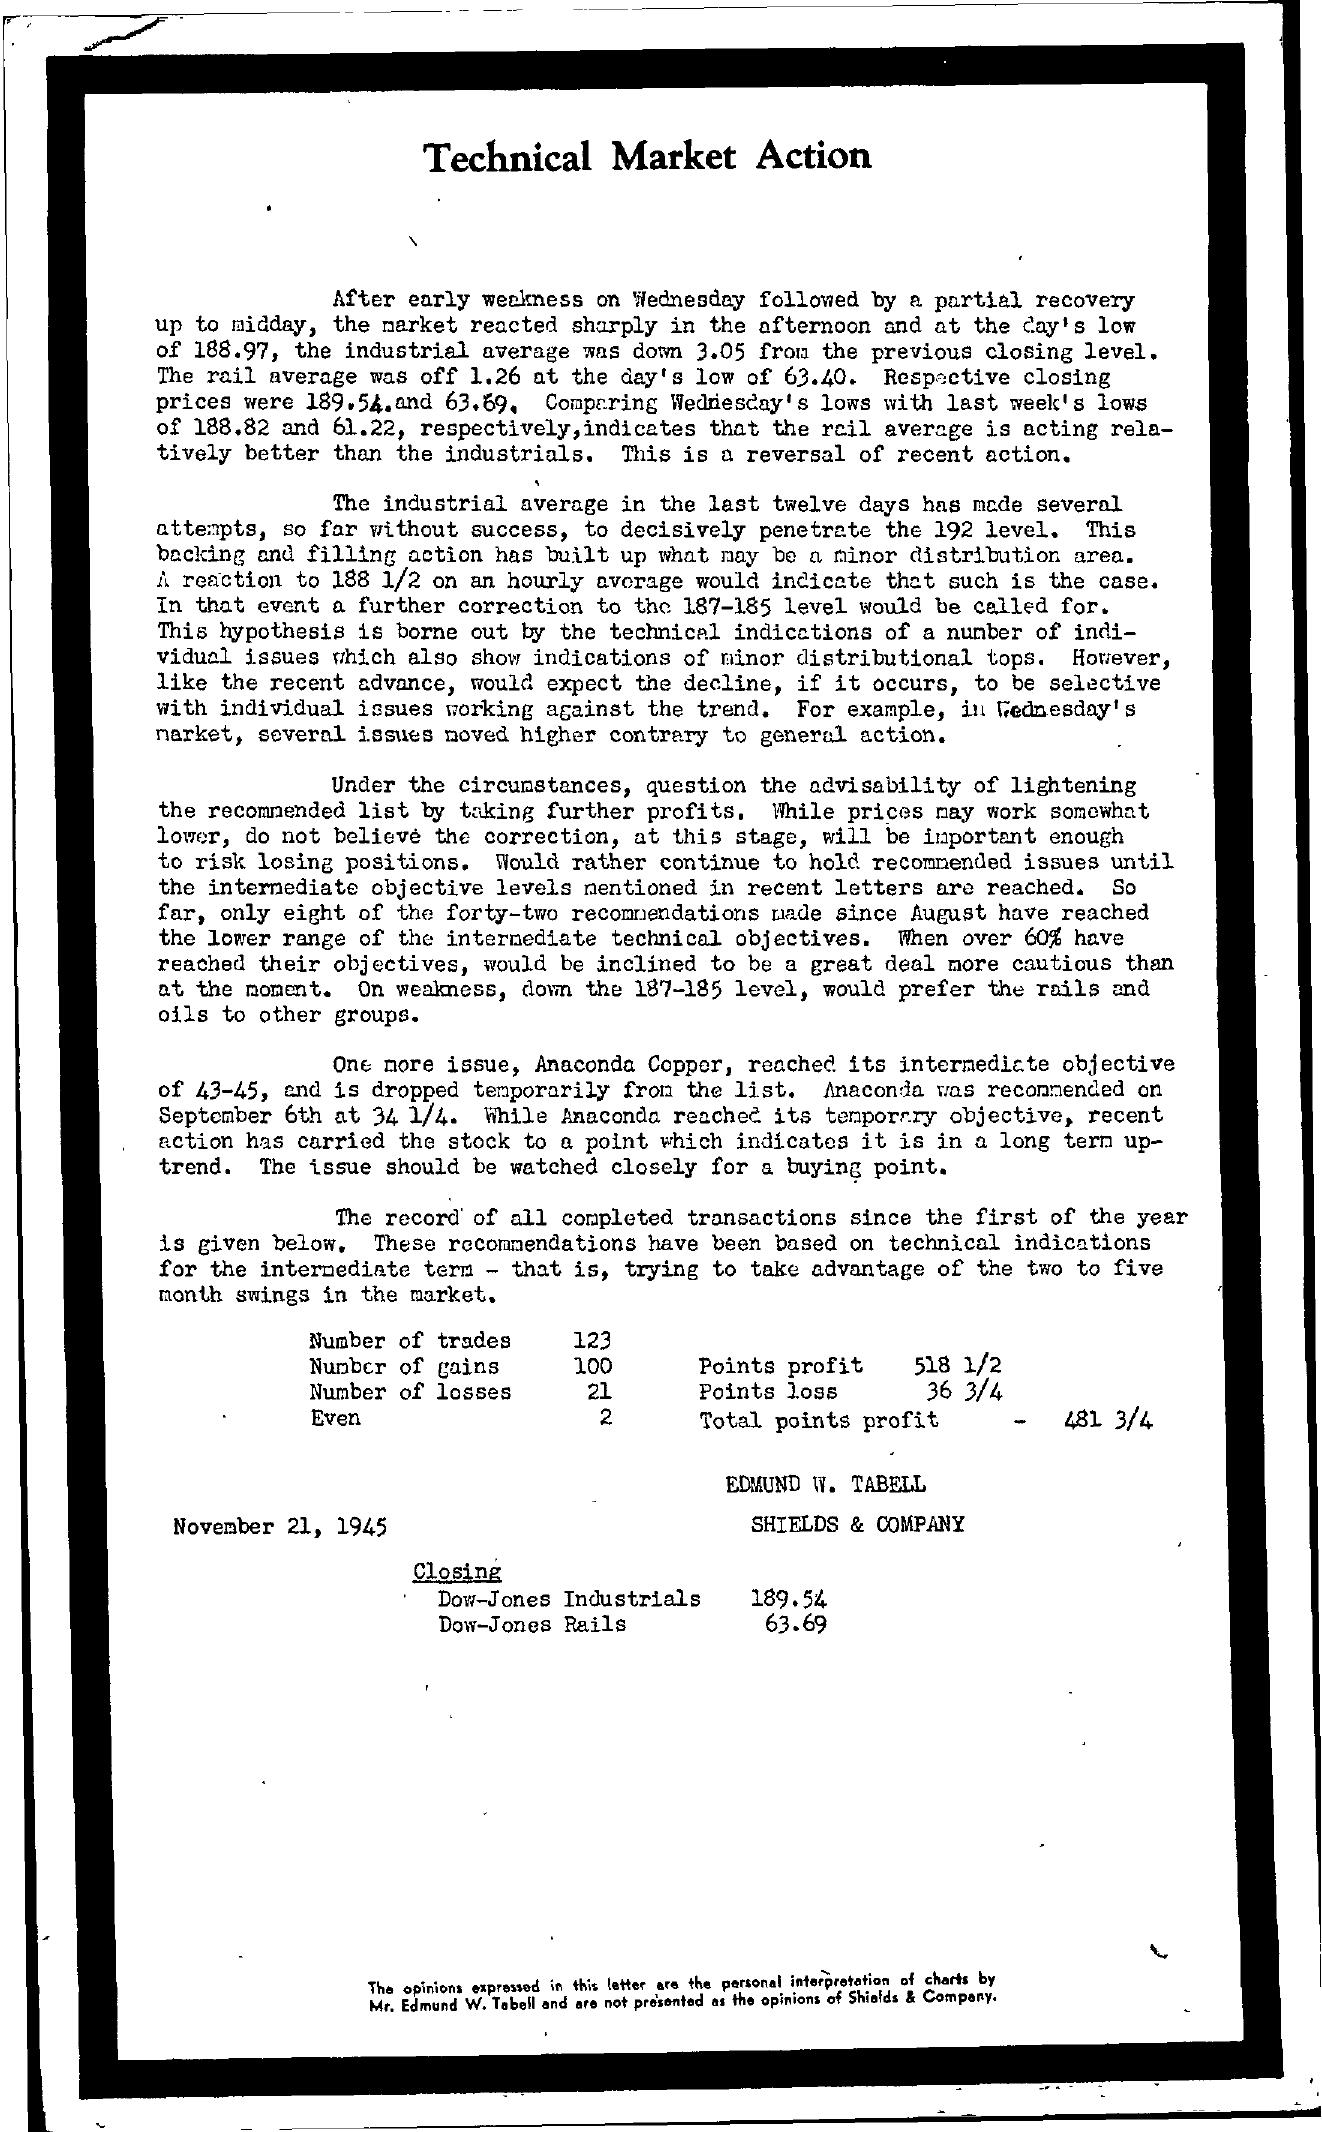 Tabell's Market Letter - November 21, 1945